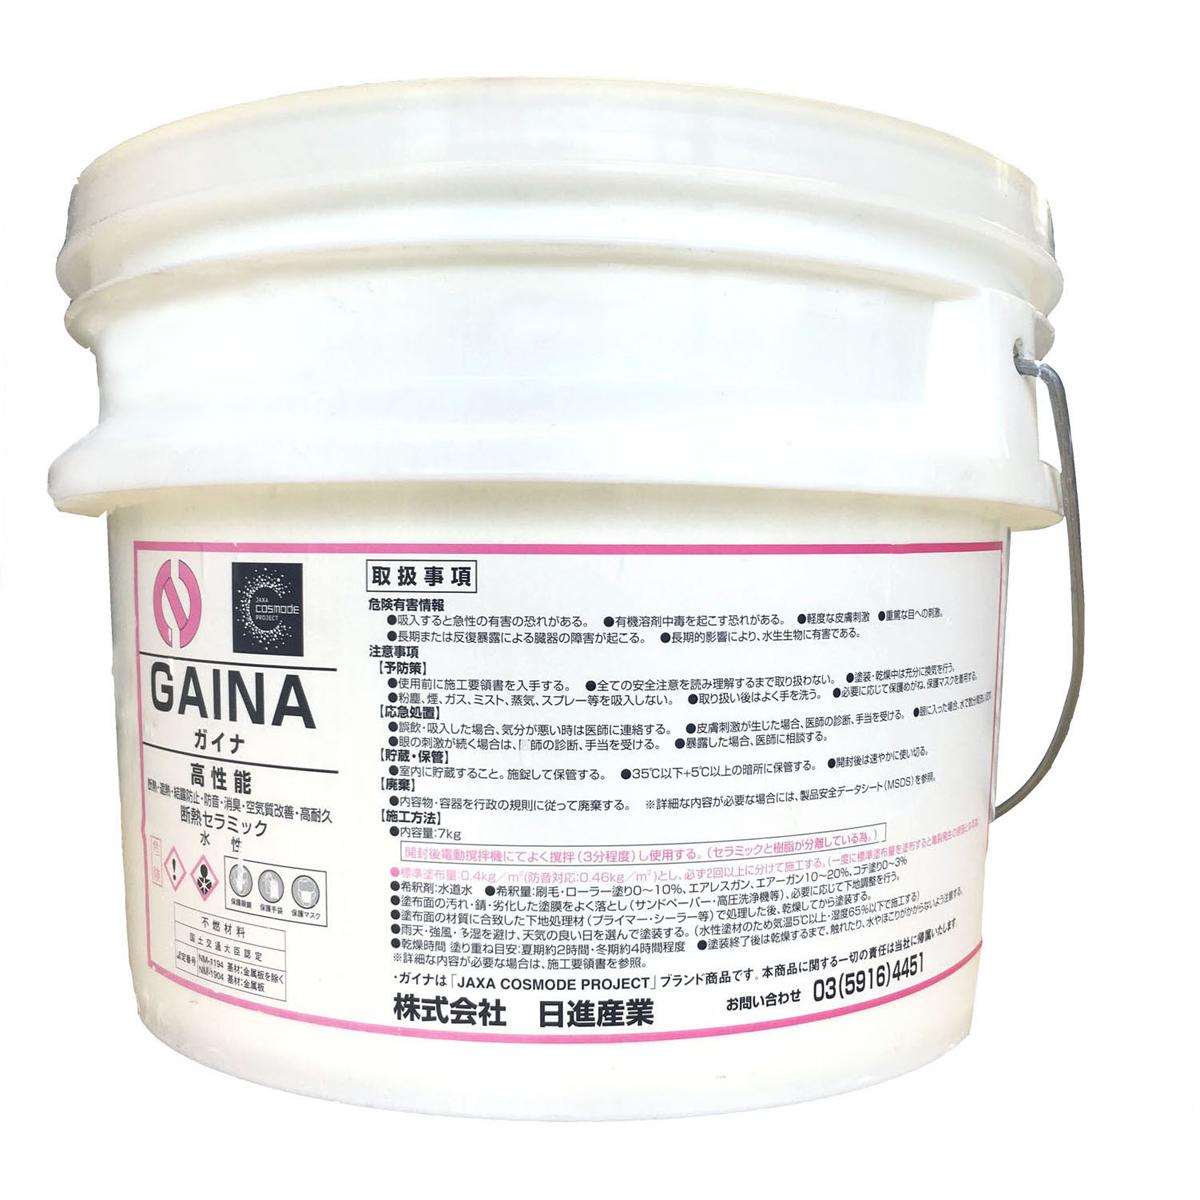 【激安アウトレット!】 日進産業 断熱塗料 ガイナ-GAINA- 白 9L 7kg:エコルート・ストア店-DIY・工具